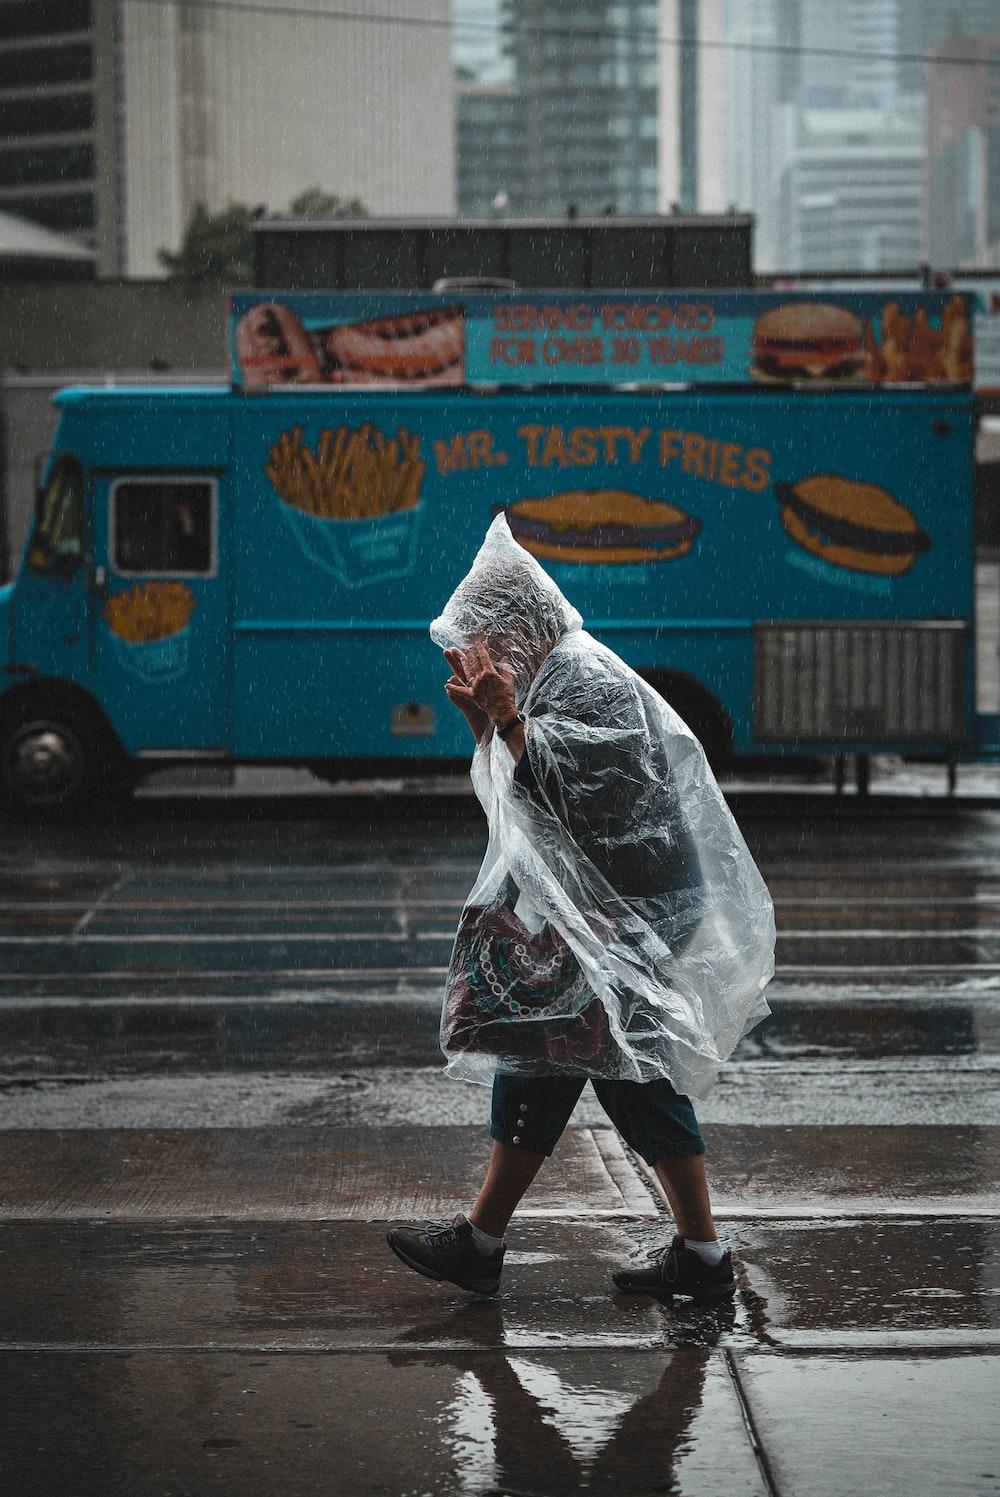 man walking wearing raincoat